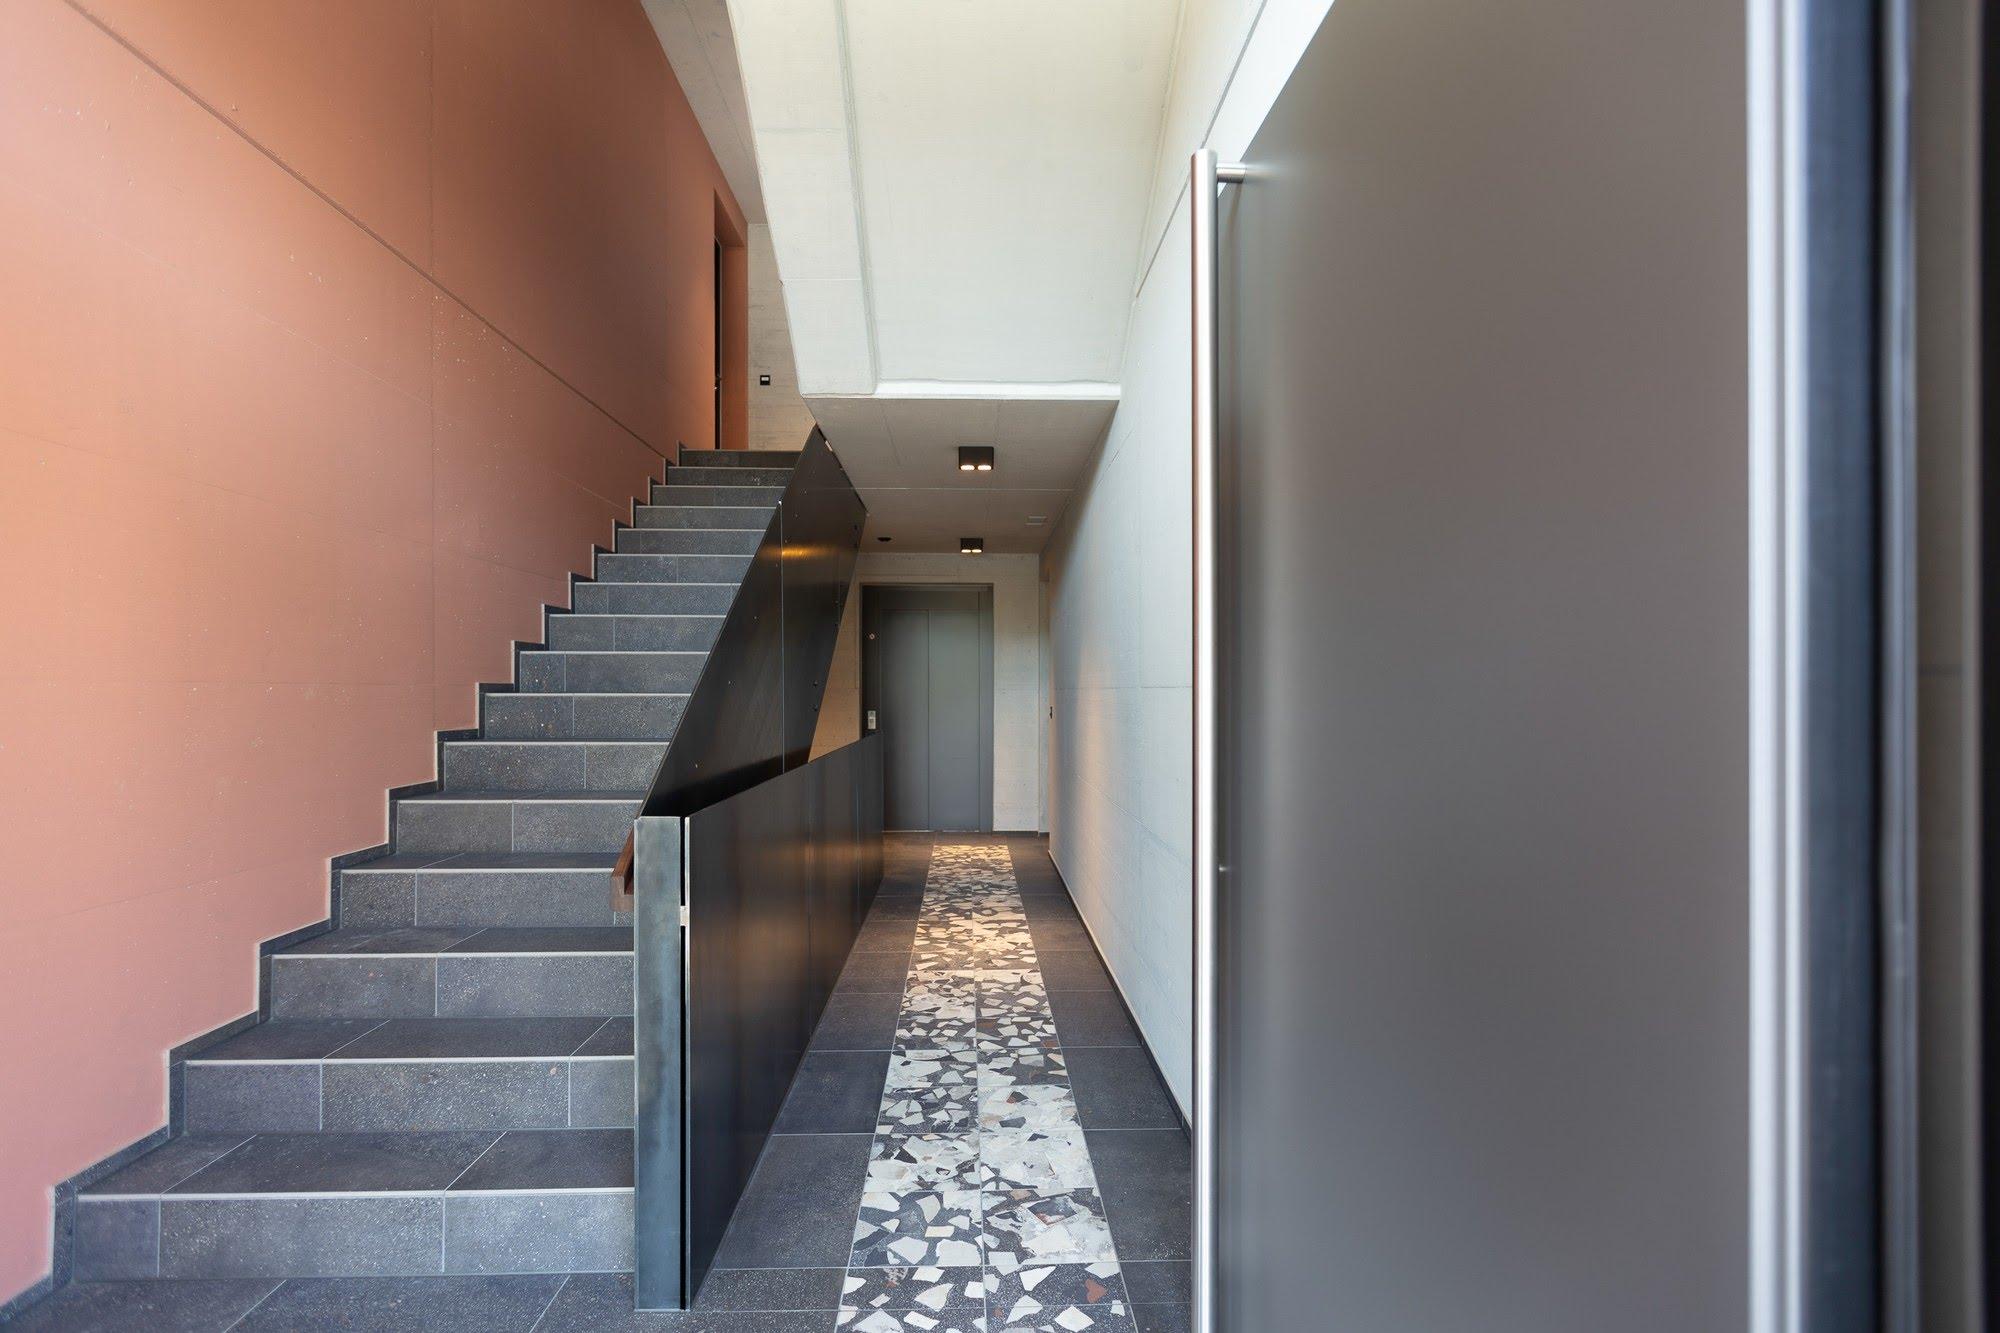 Wohnen MFH Wohnüberbauung Münigenfeld in Oberkirch Architektur,Wohnungsbau,Wohnhäuser,Einfamilienhäuser,Mehrfamilienhäuser